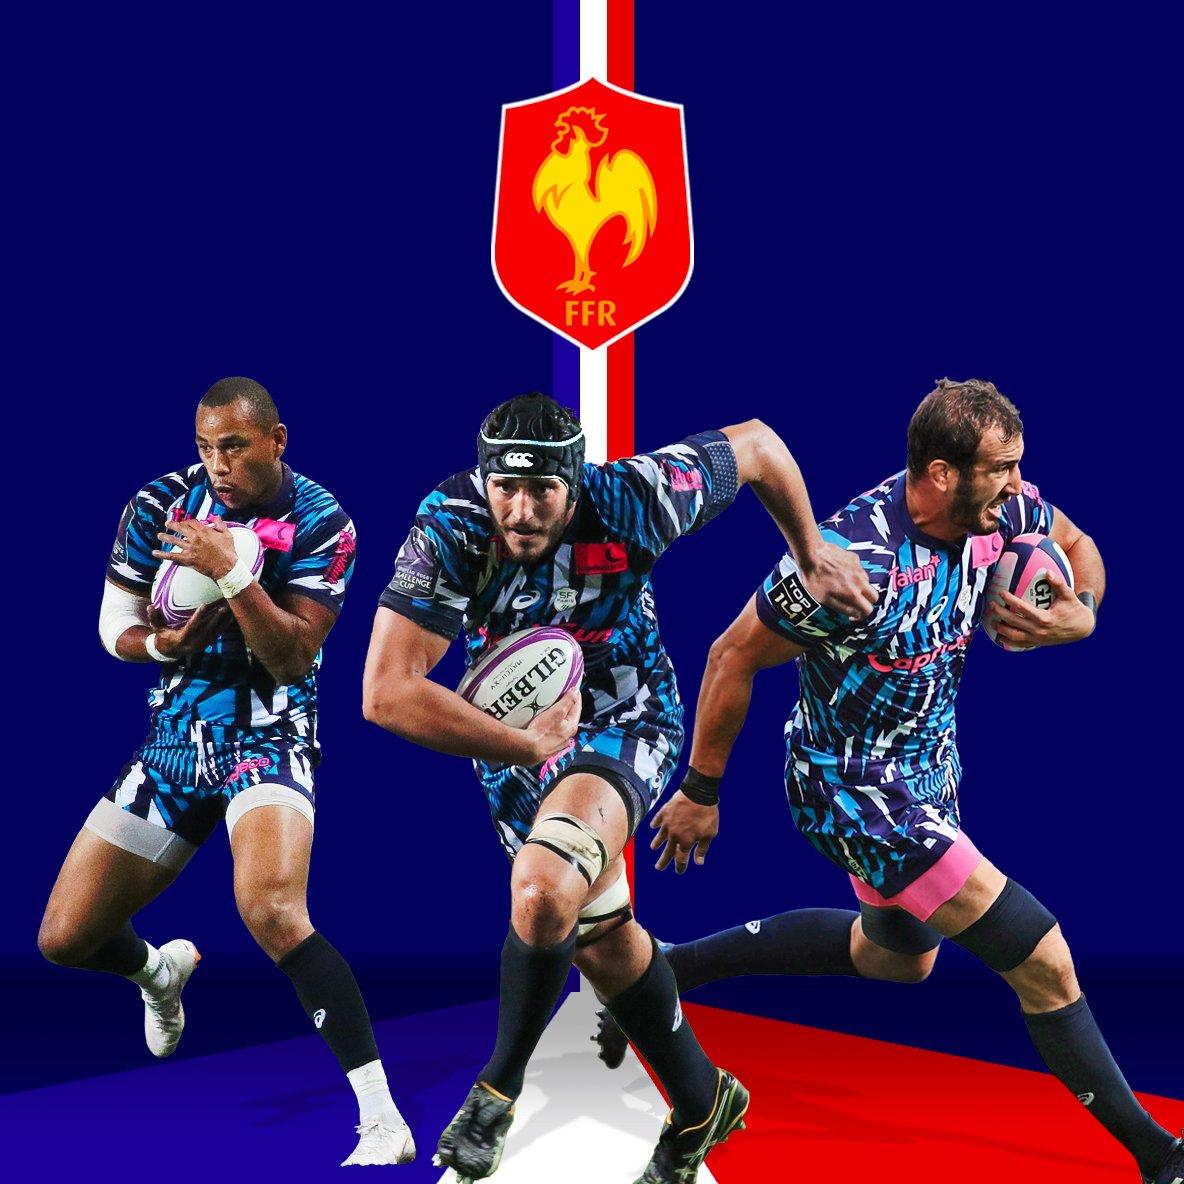 Les Parisiens @FickouG, Paul Gabrillagues et Yoann Maestri dans le groupe France pour les 3 matchs de la tournée de novembre. Bravo messieurs !#Parisiens #NeFaisonsXV #SFParis  - FestivalFocus